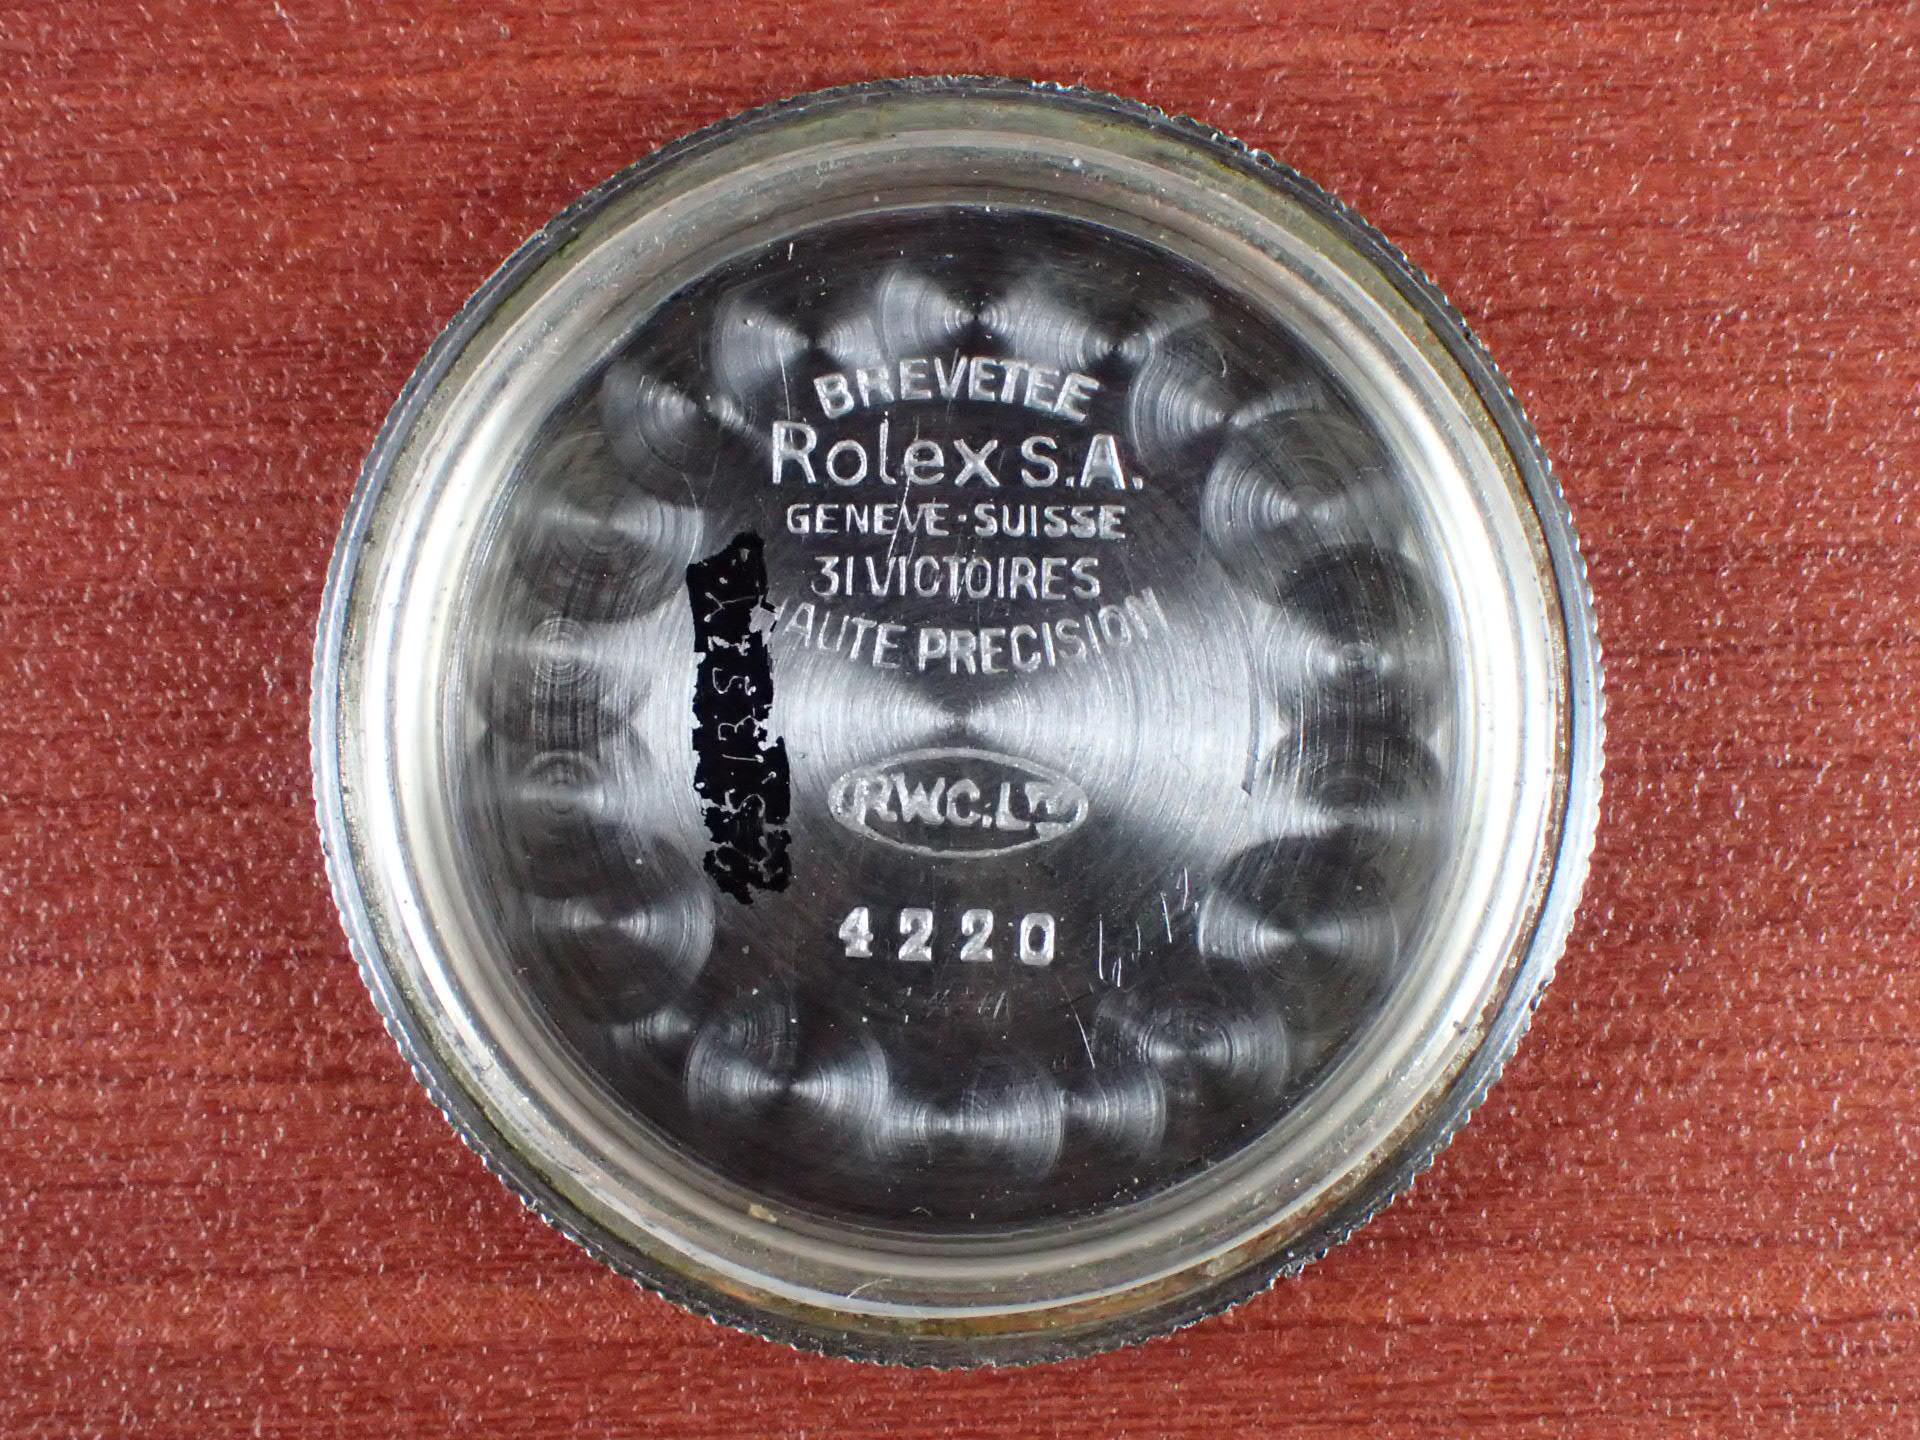 ロレックス オイスター スピードキング Ref.4220 ブラックダイアル 1940年代の写真6枚目